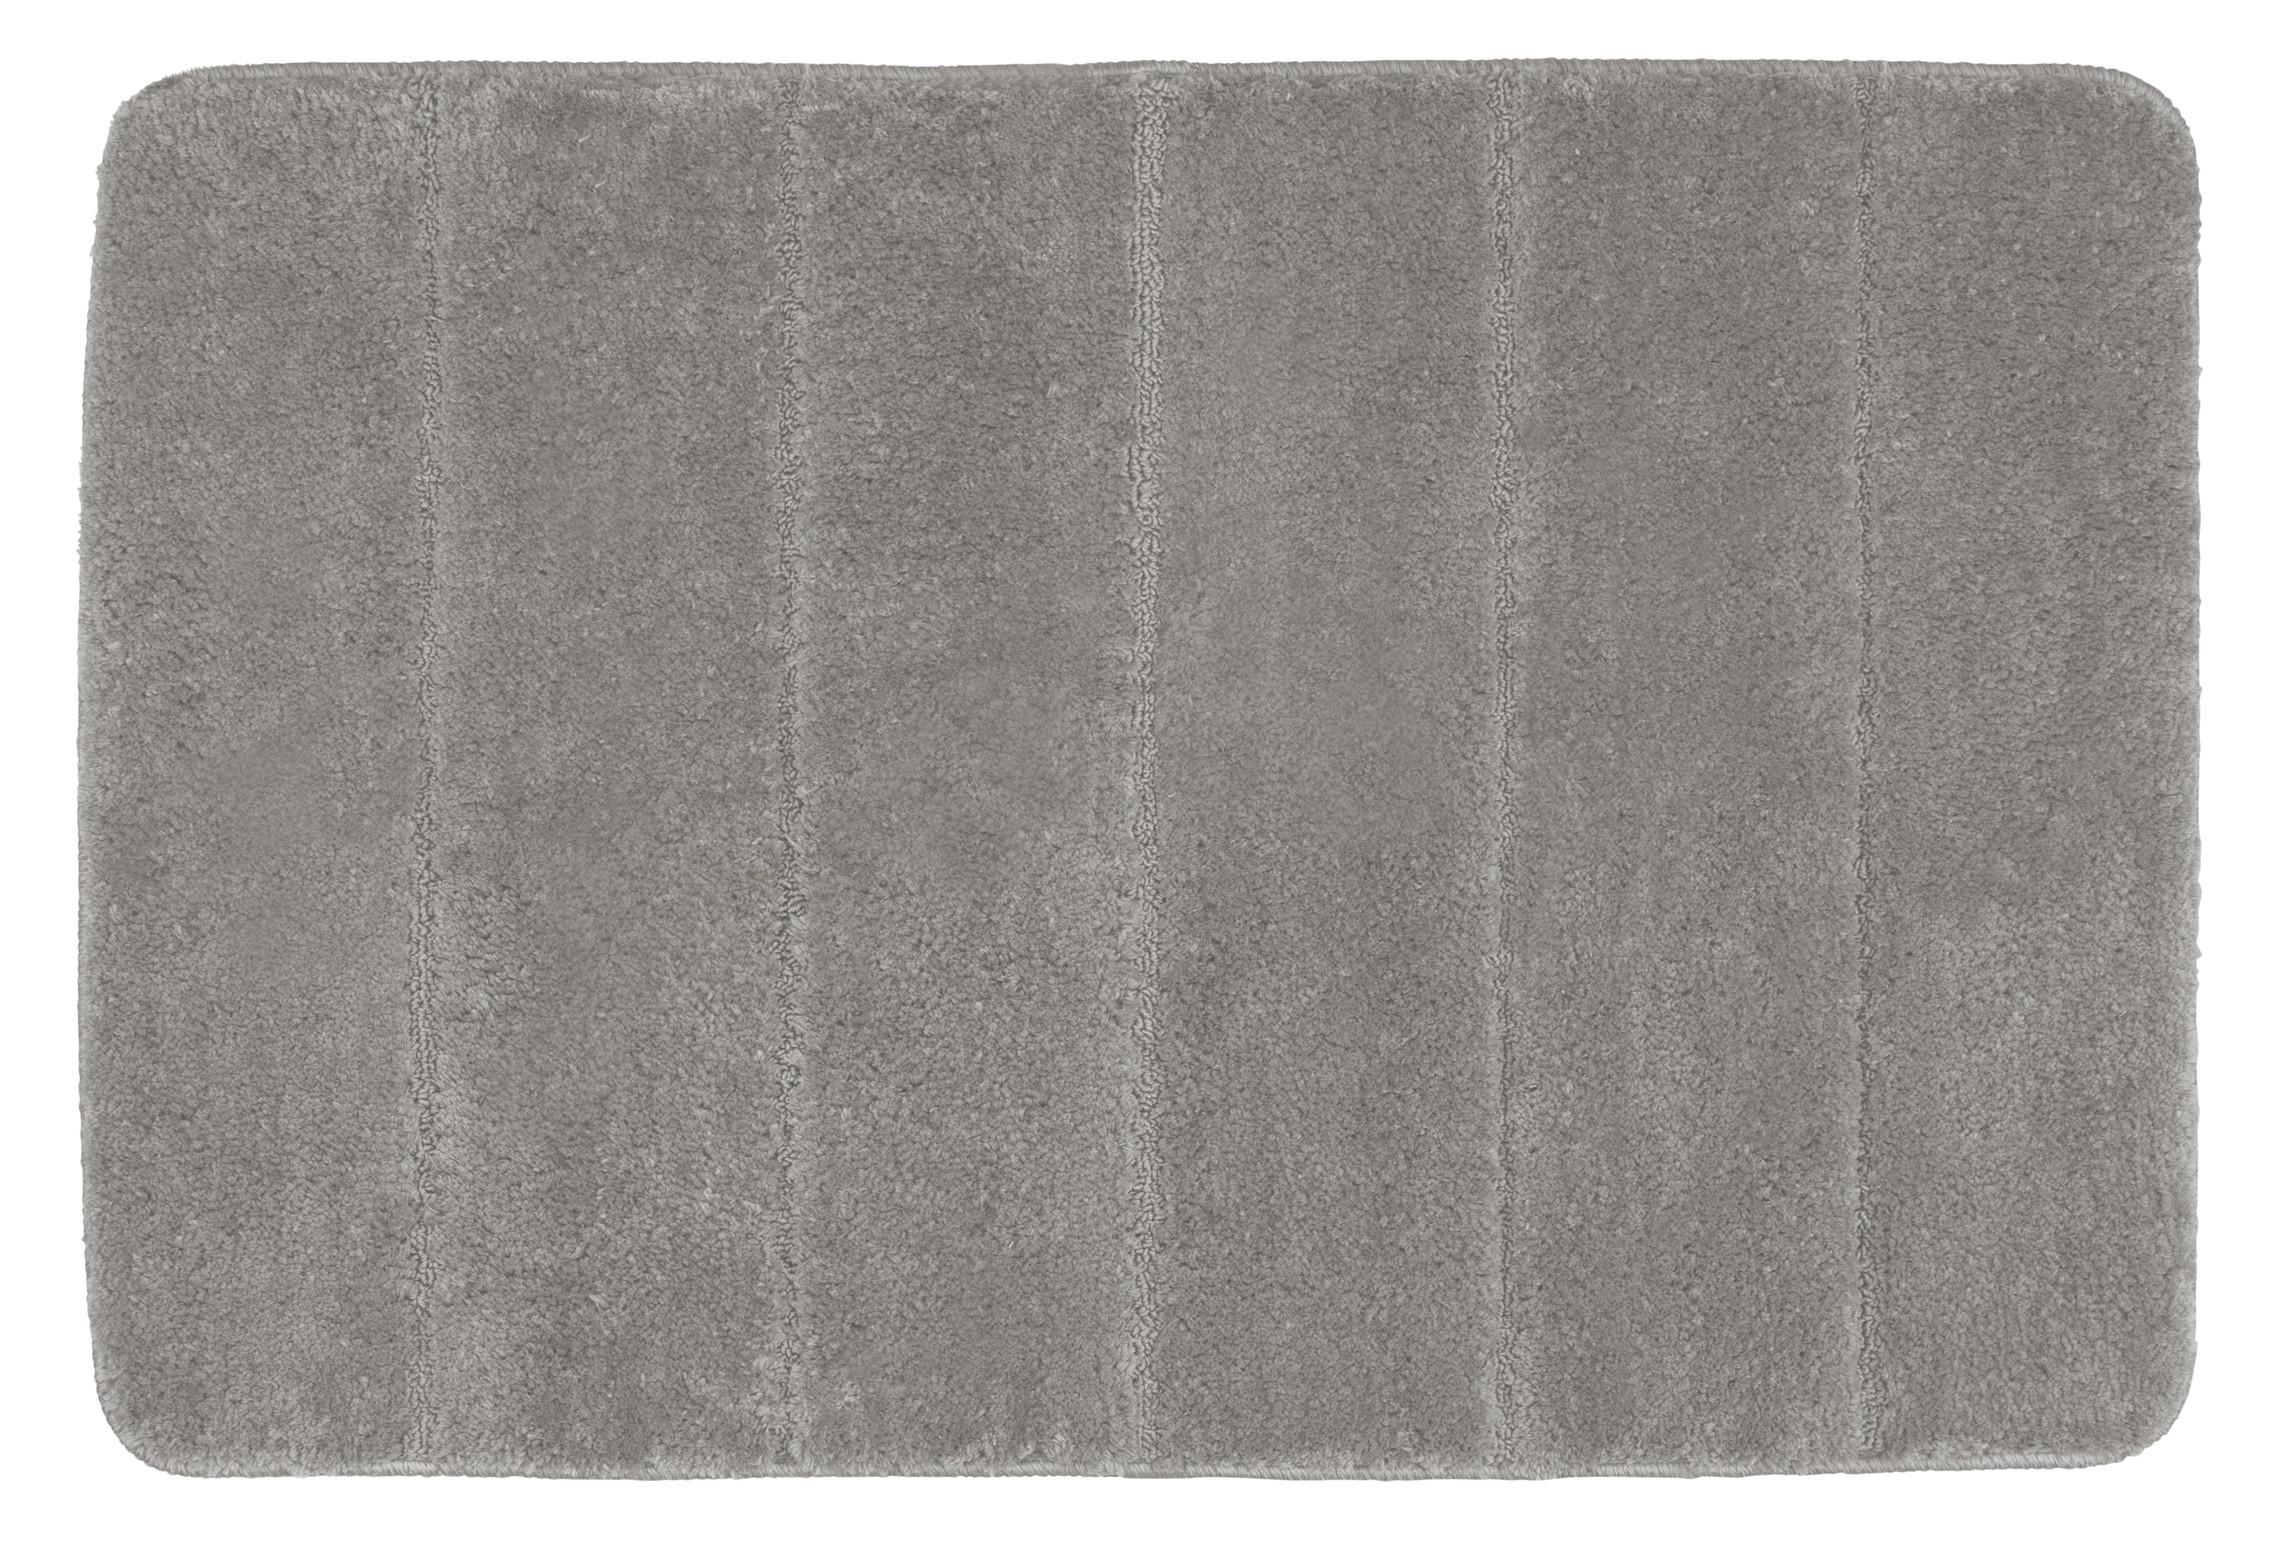 Wenko Badteppich Steps Light Grey, 60 x 90 cm, Mikrofaser